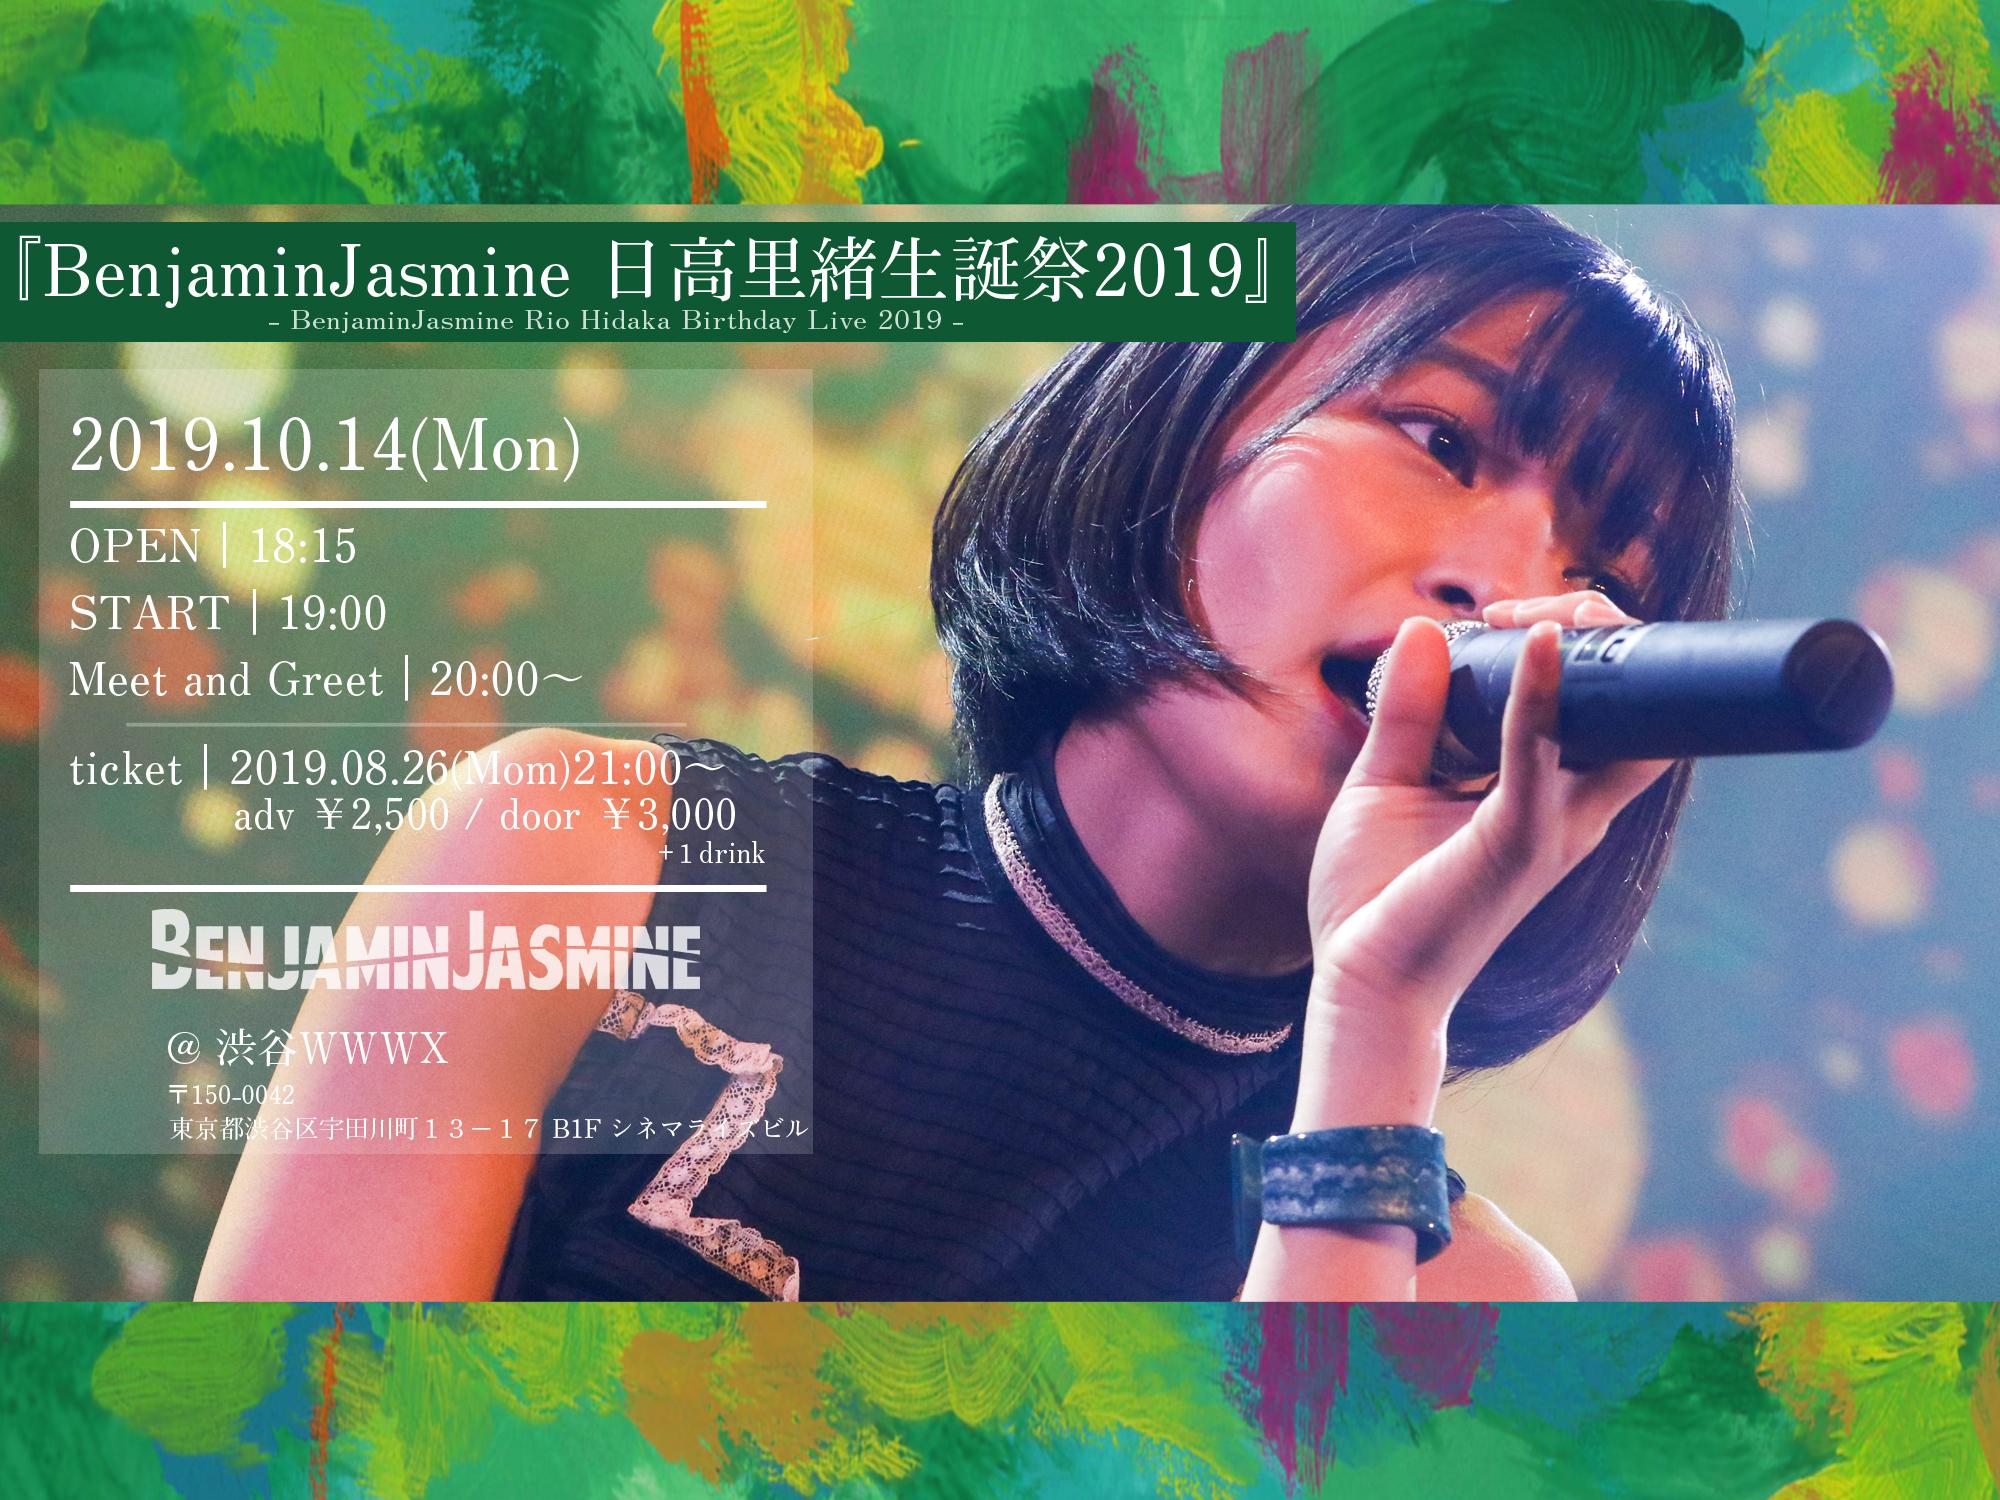 10月14日(月・祝)『BenjaminJasmine日高里緒生誕祭2019』